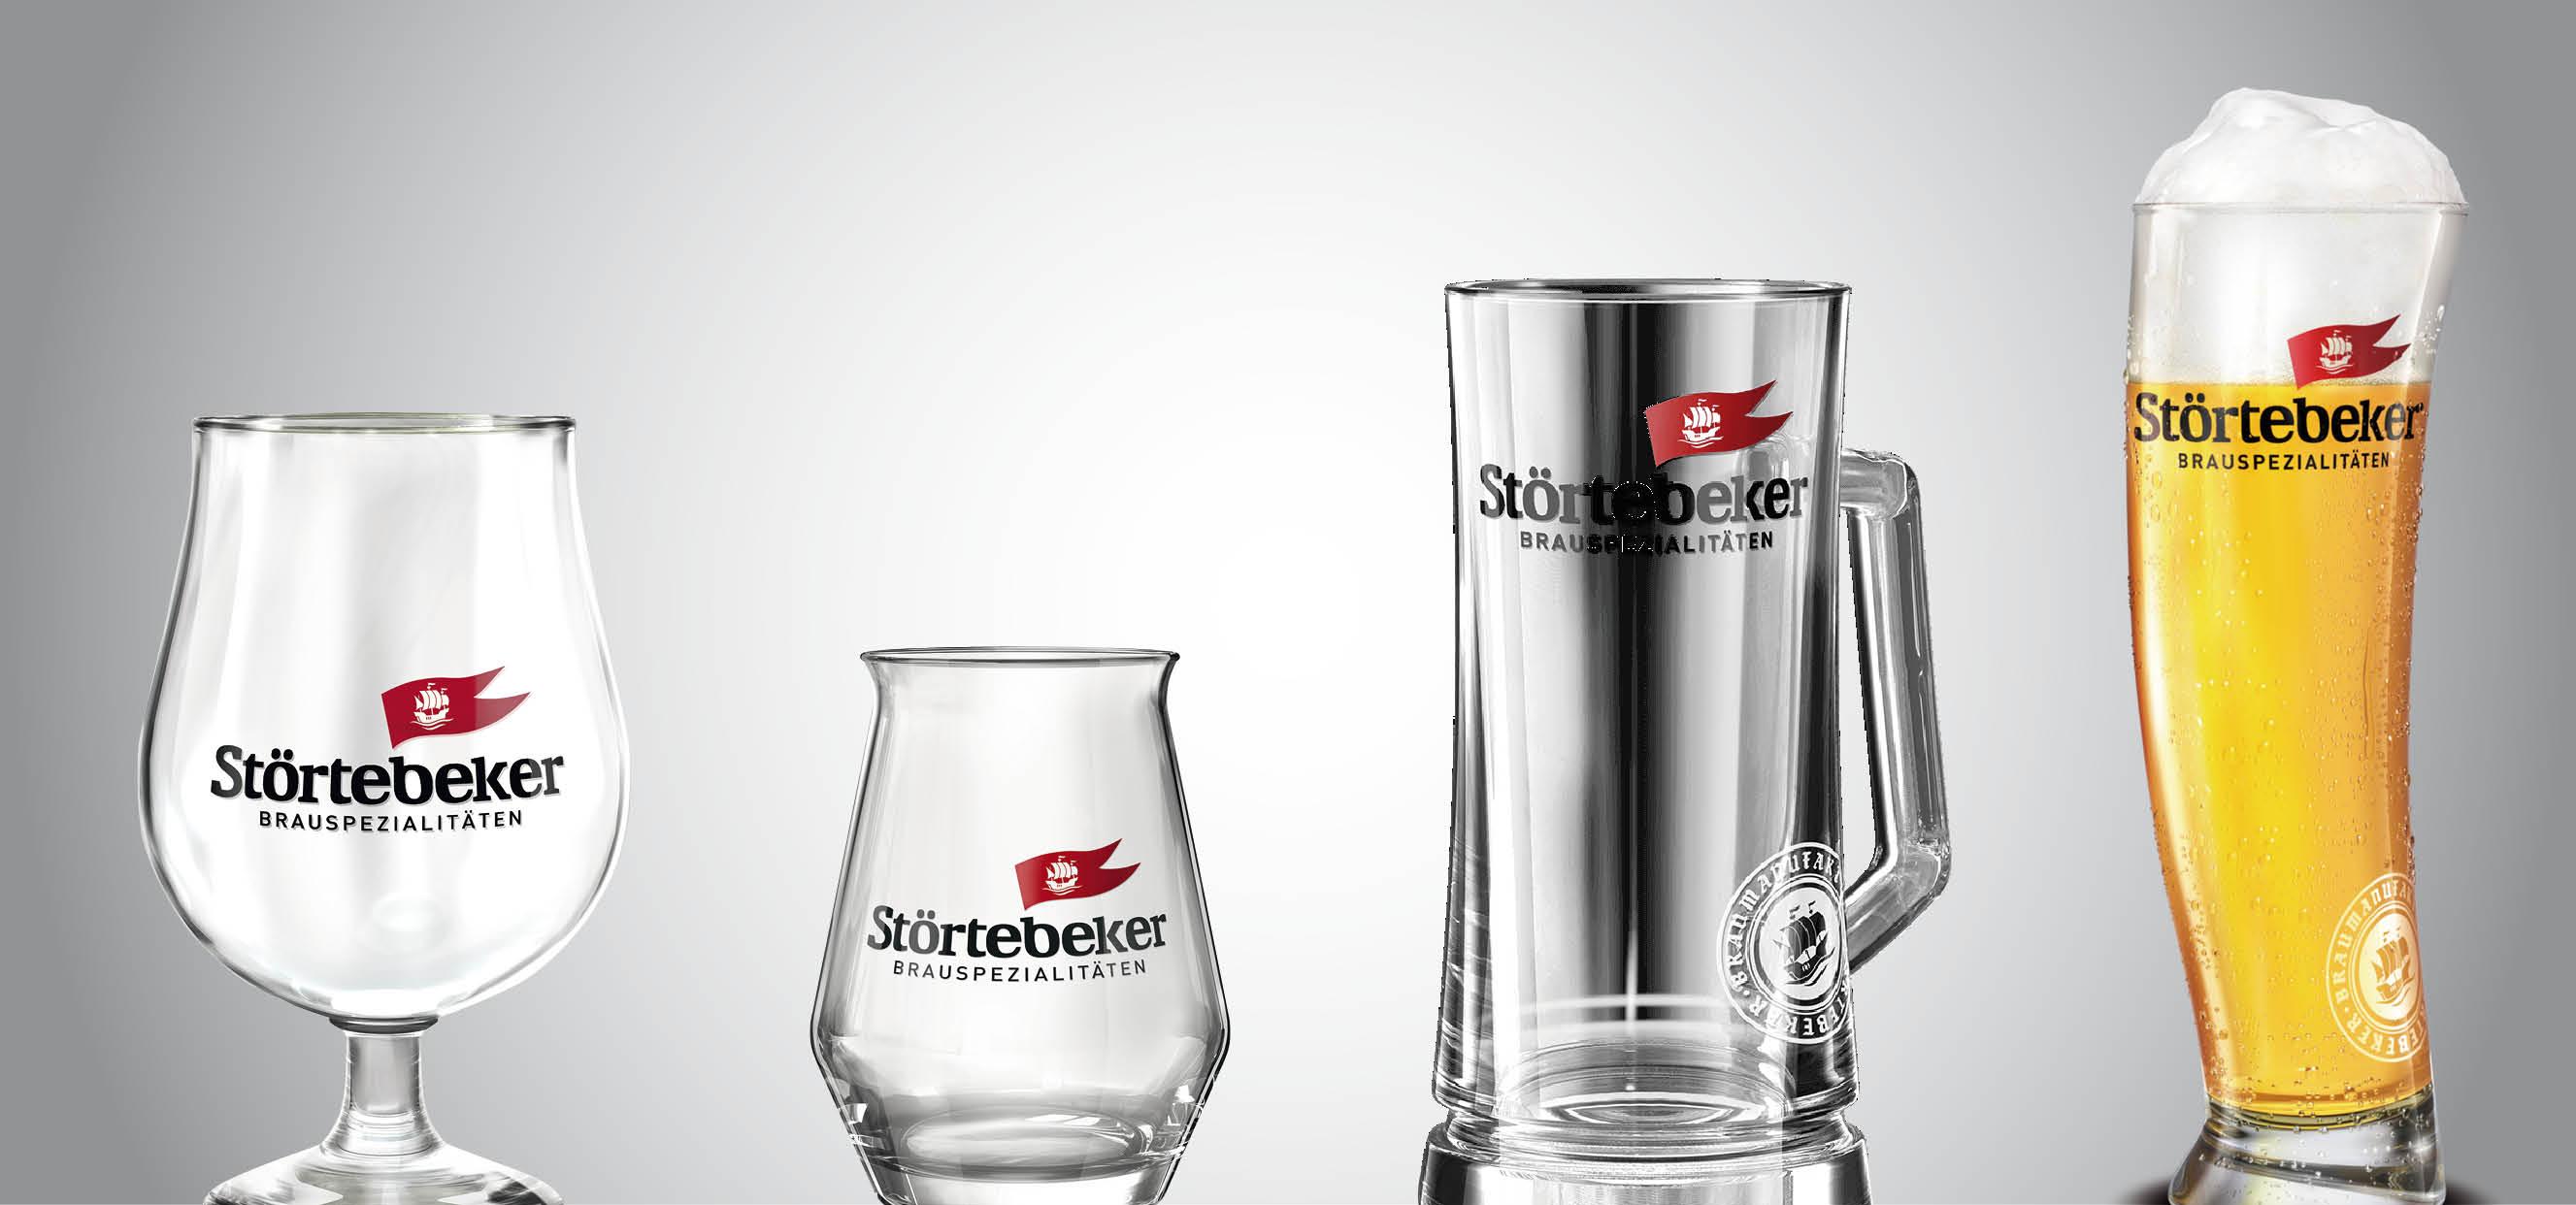 Glas från Störtebeker